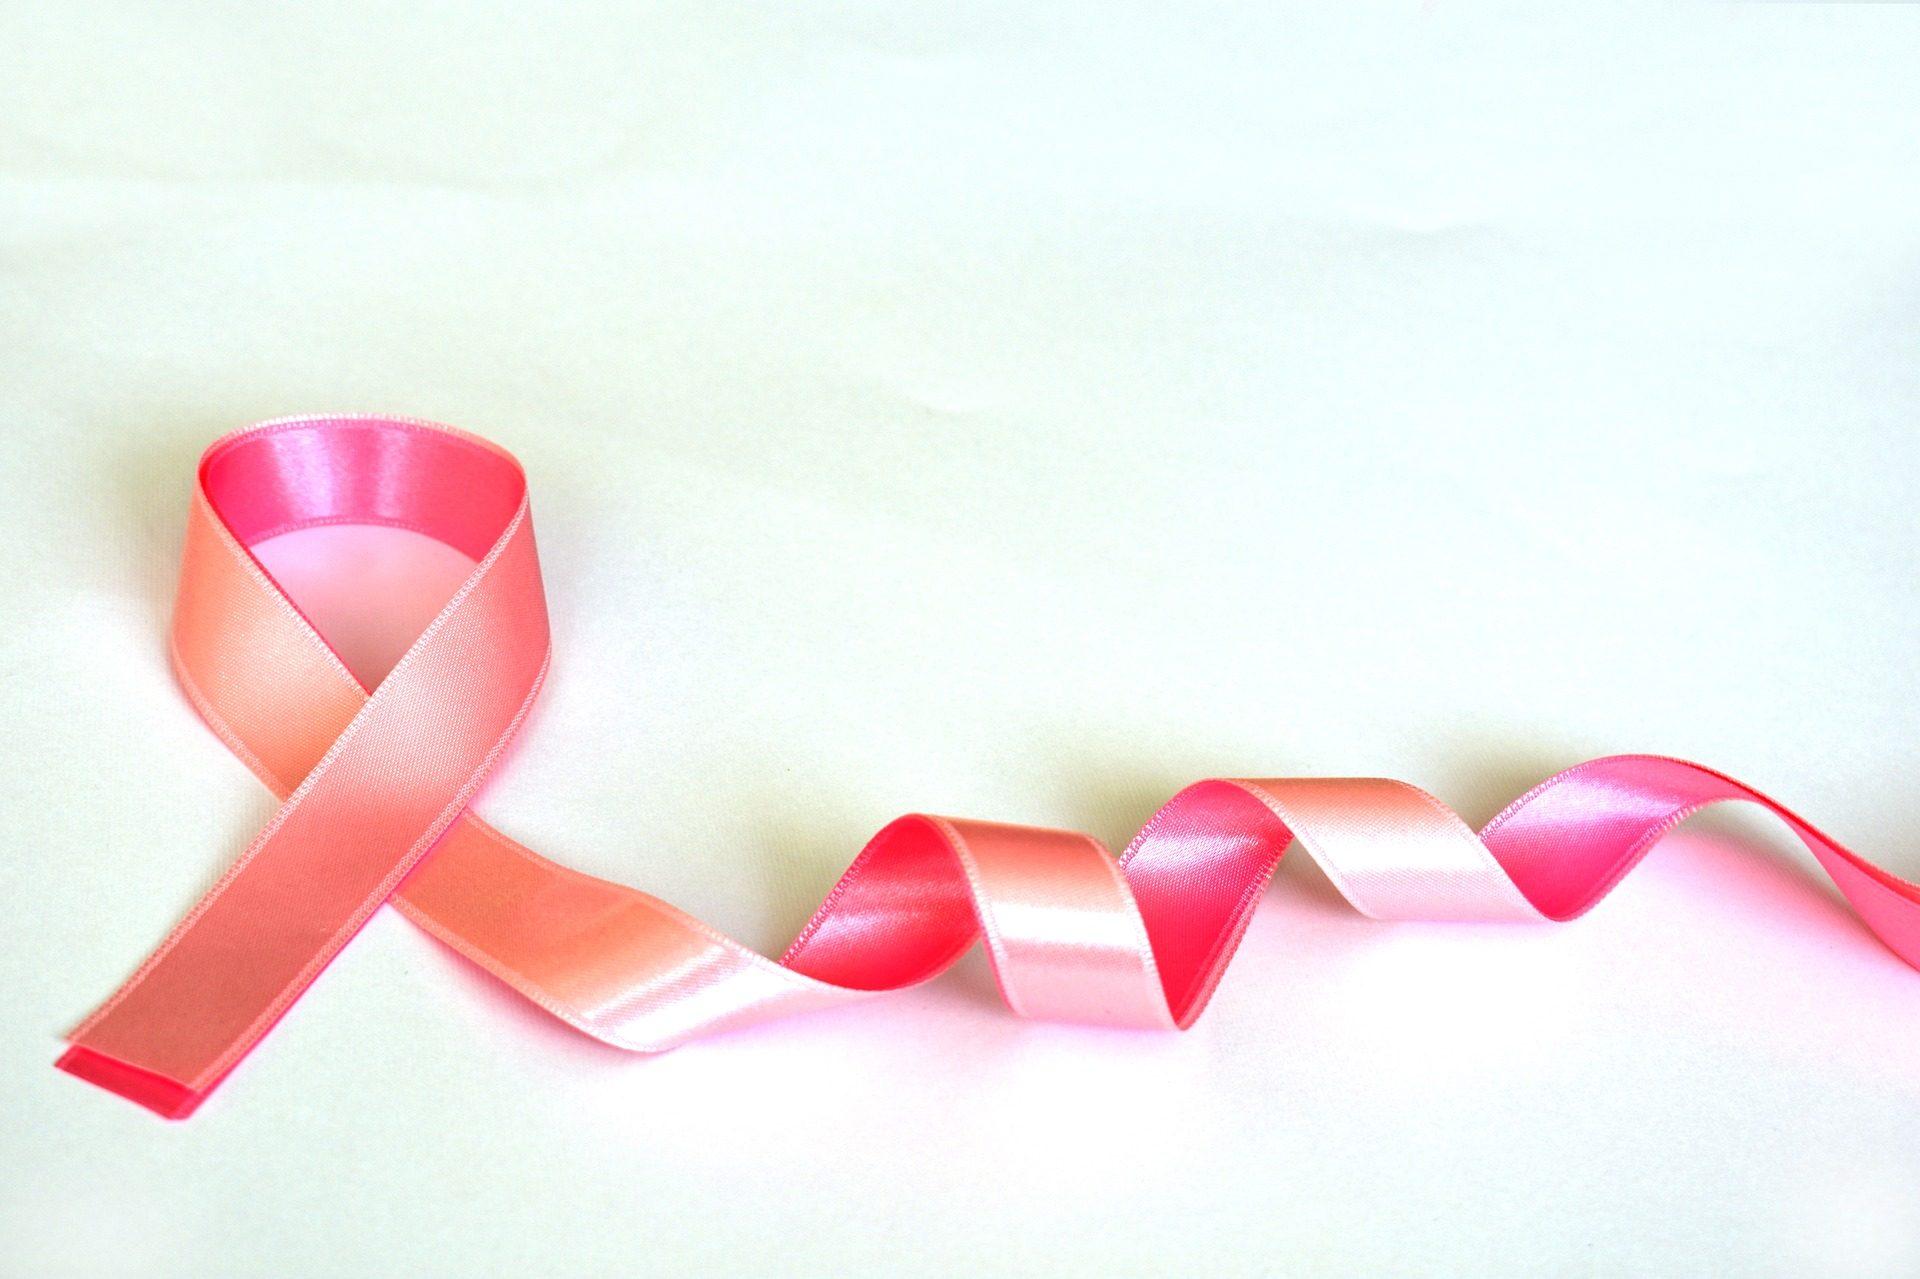 różowa wstążka rak